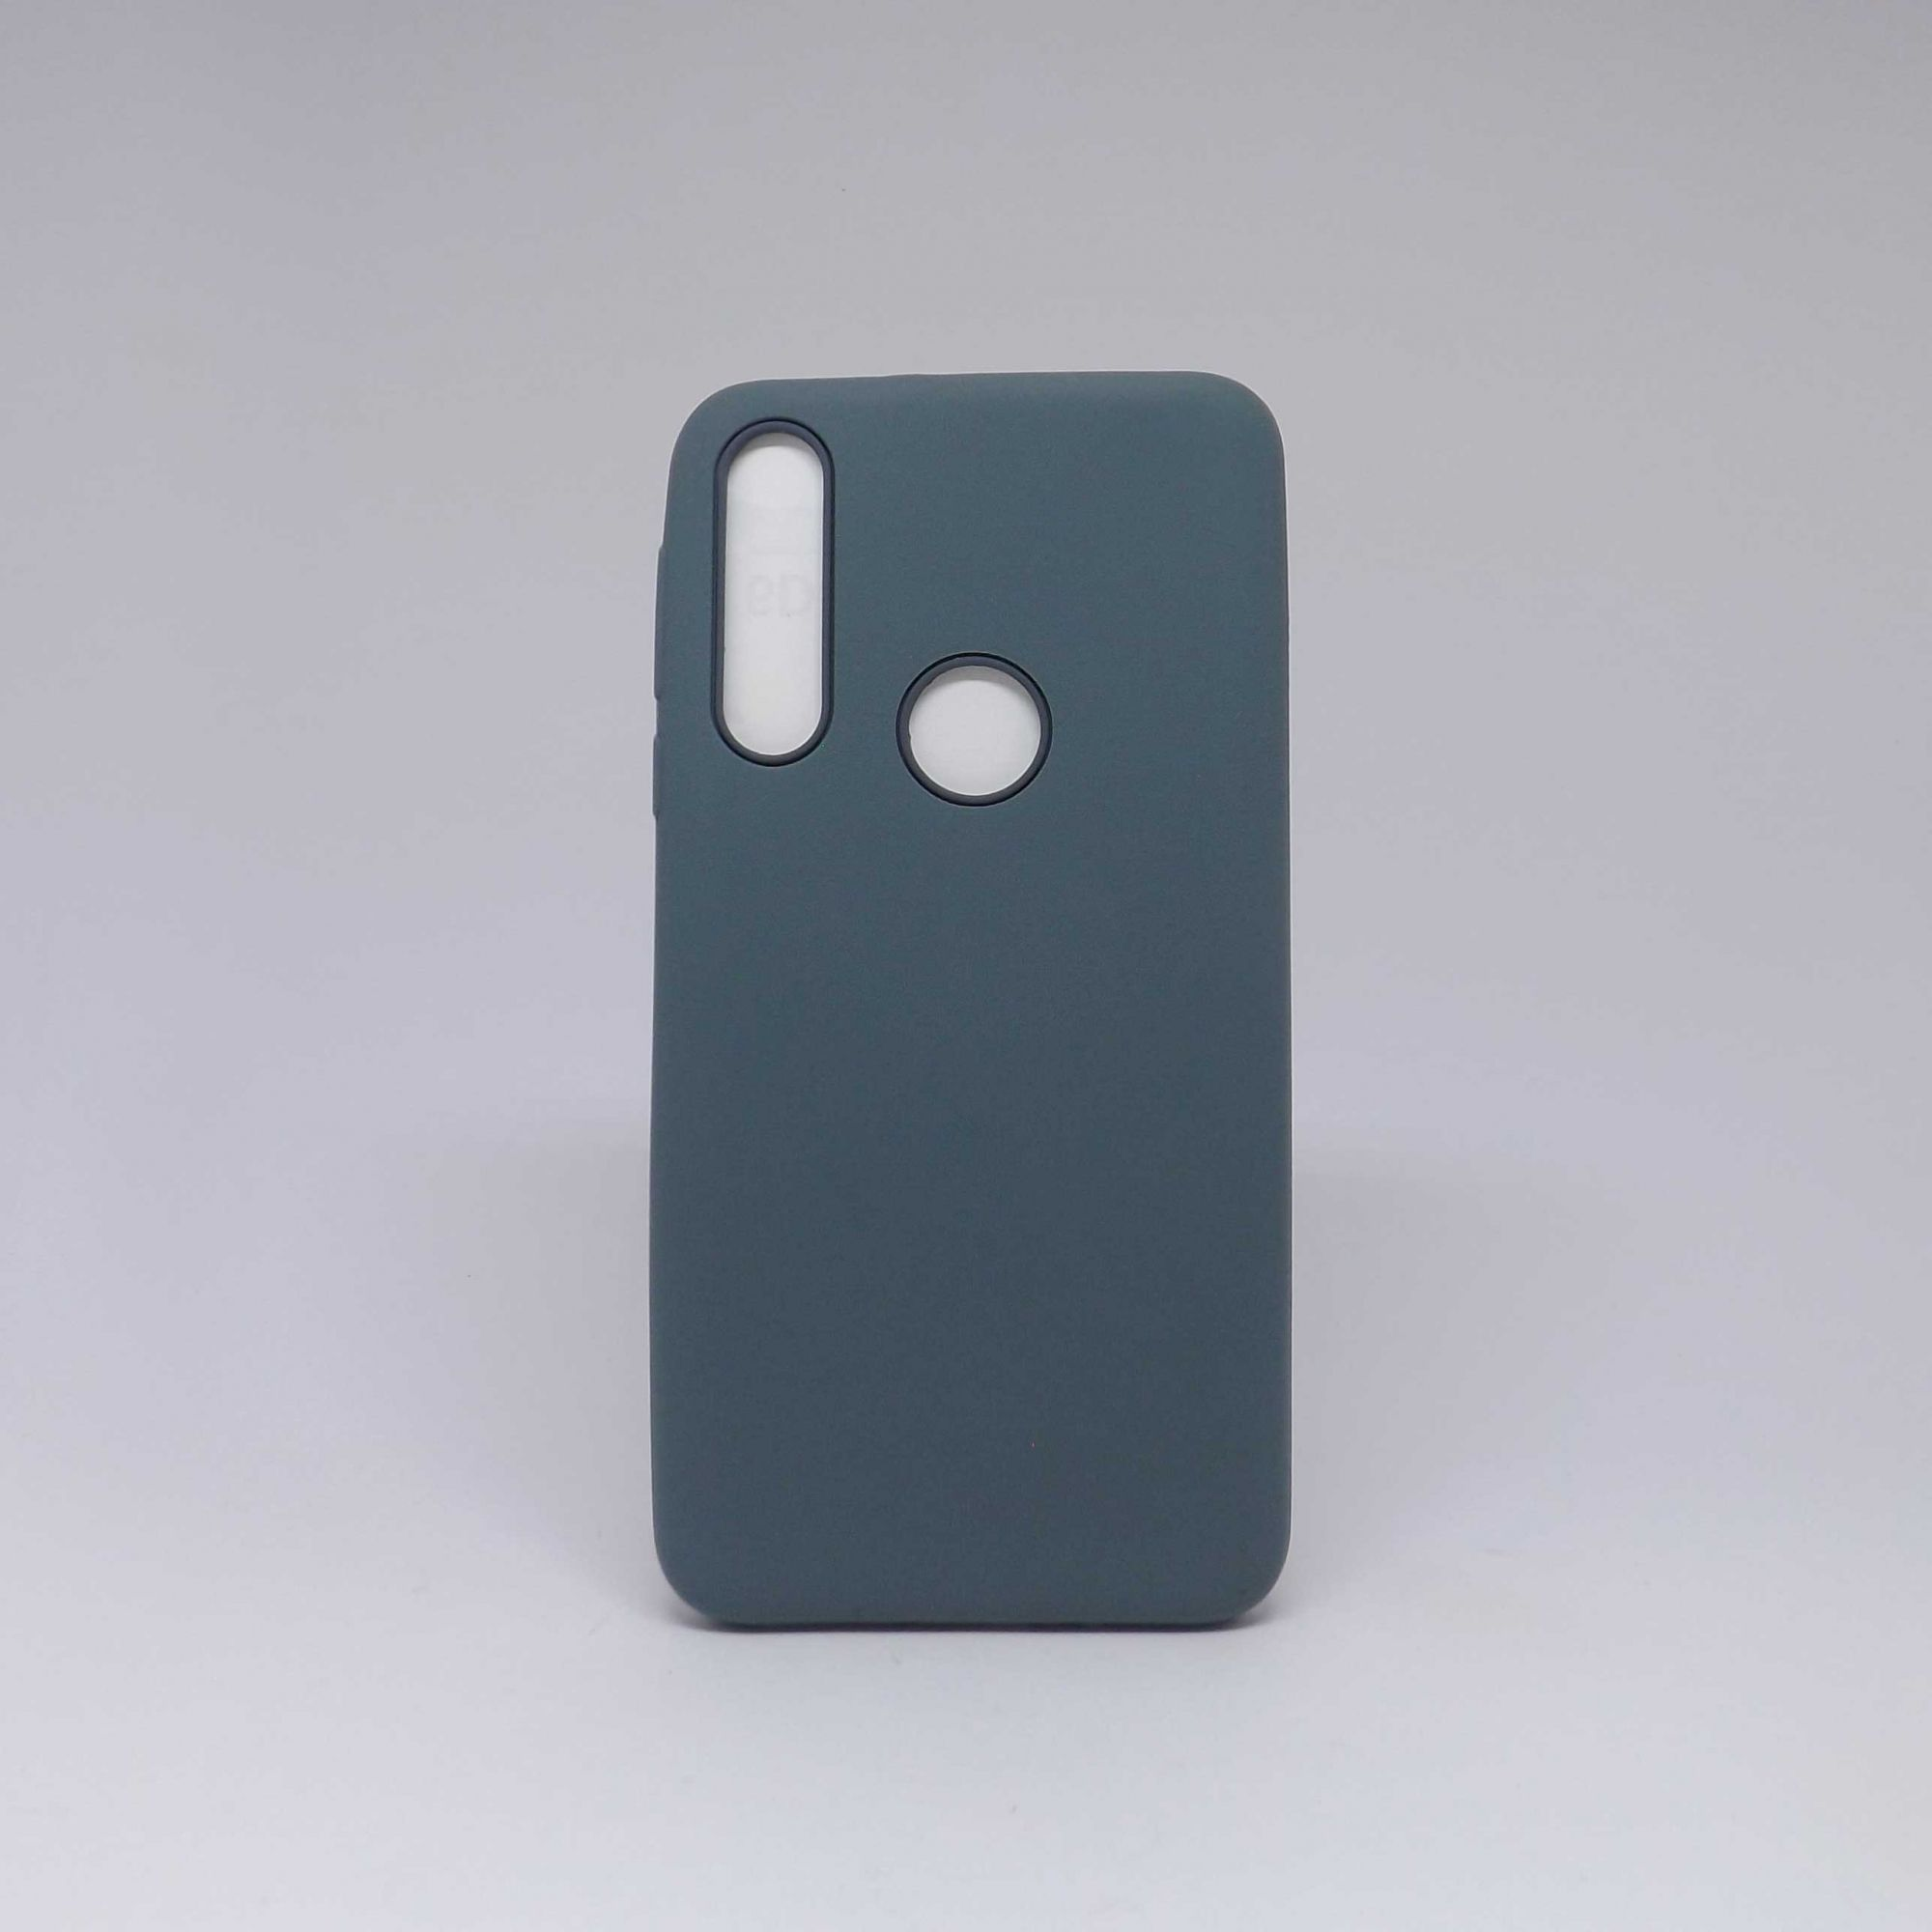 Capa Motorola  G8 Play/Macro Borracha